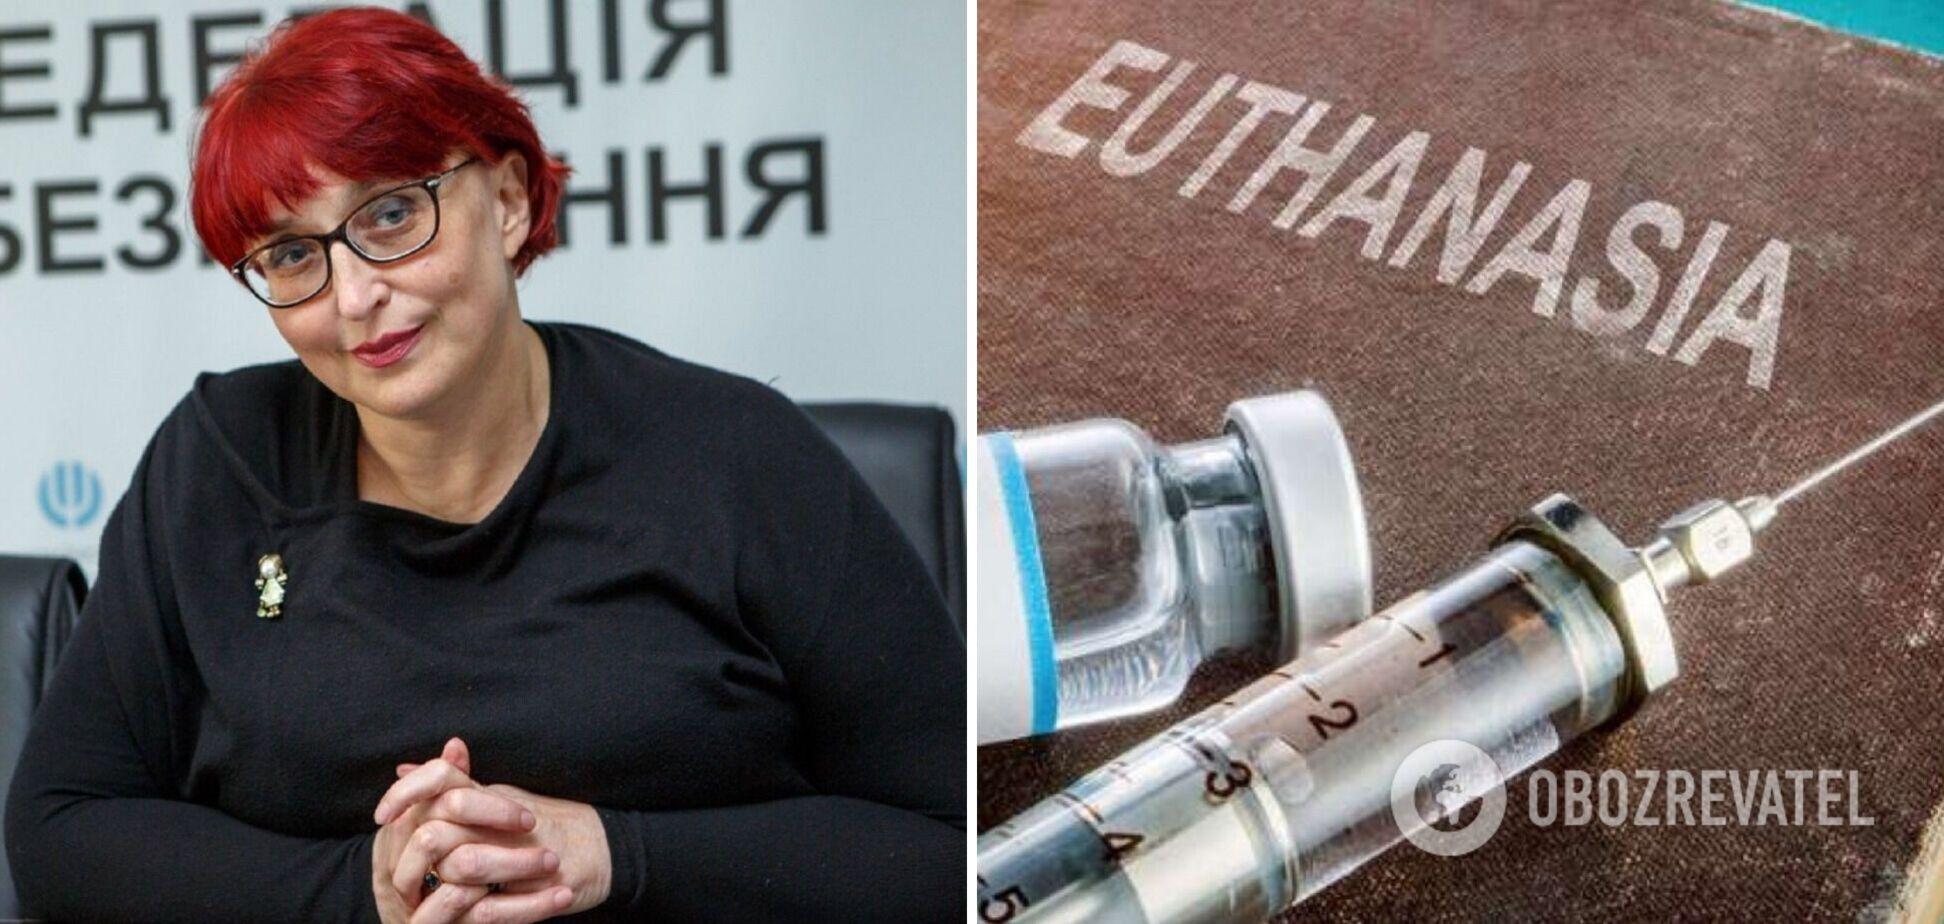 Скандальна Третьякова заявила, що підготувала законопроєкт про евтаназію: дуже цікава тема. Відео